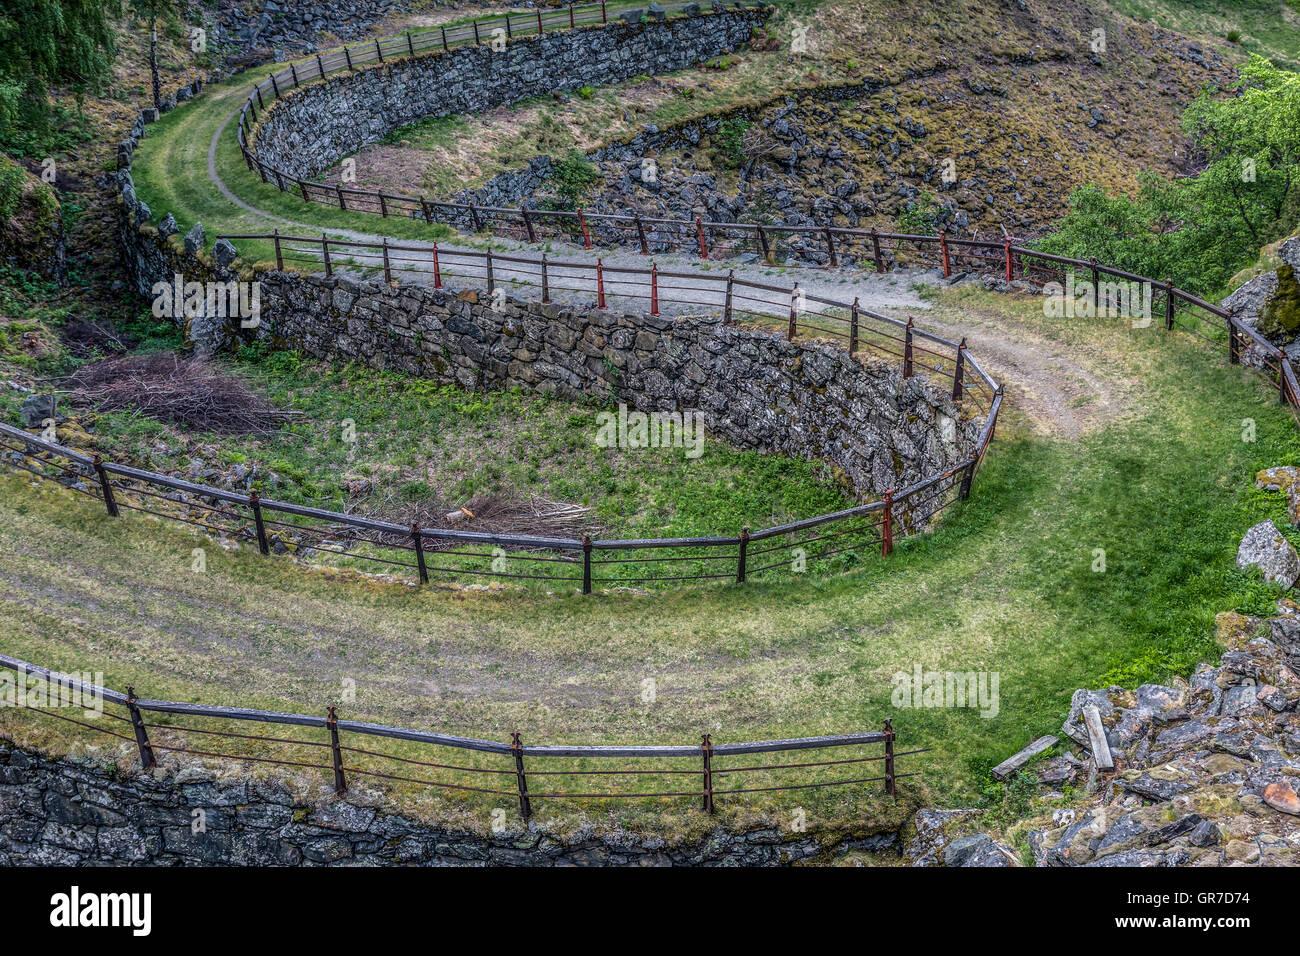 Ein Alter Königsweg Zwischen Oslo Und Bergen Wird Heute Als Wander- Und Bikeroute Genutzt - Stock Image